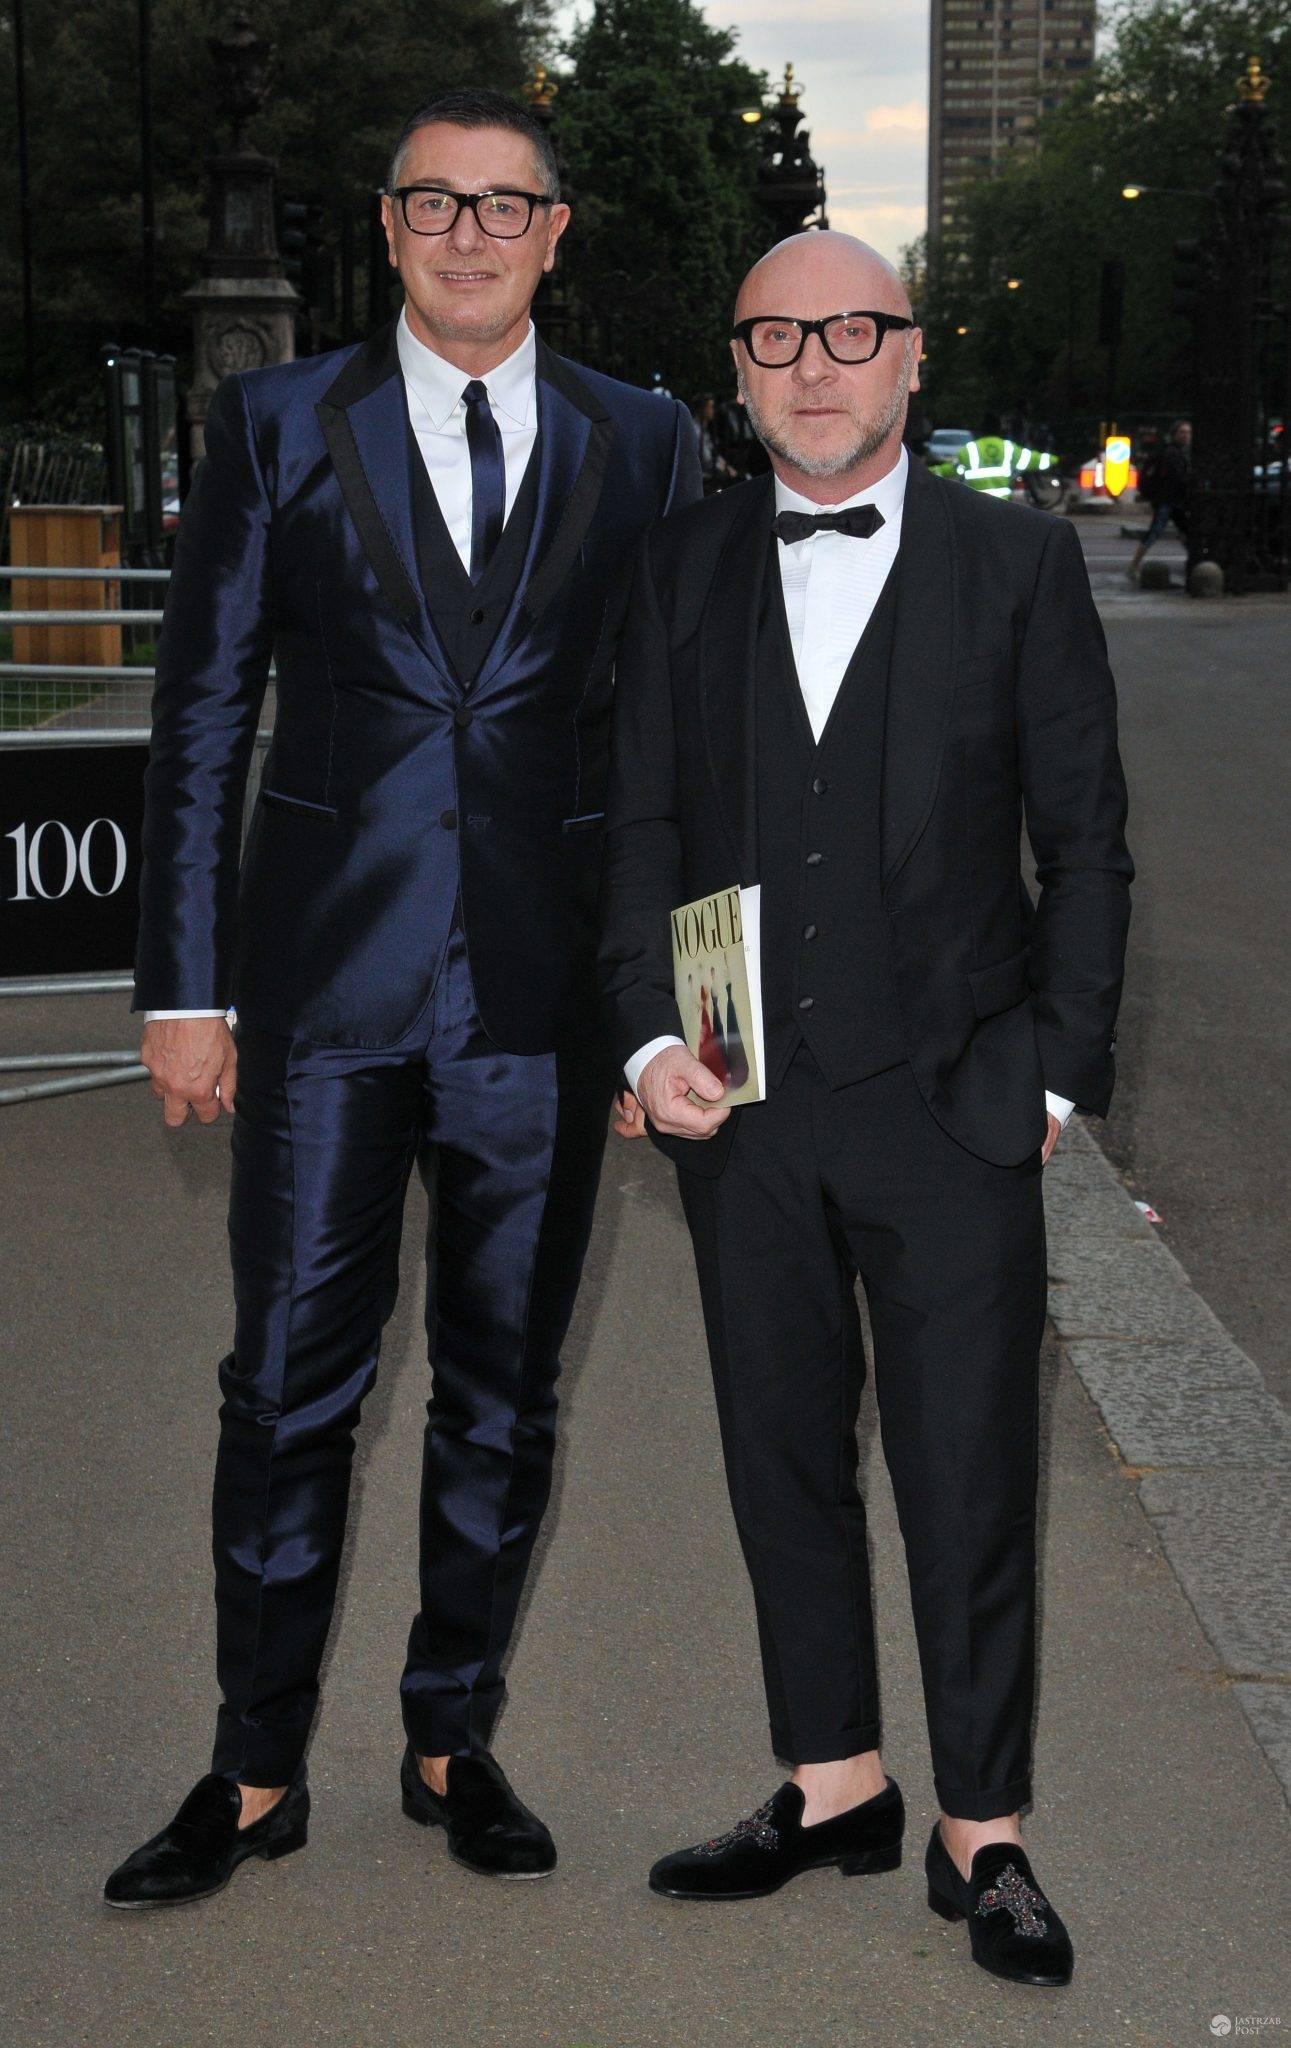 """Stefano Gabbana i Domenico Dolce, gala z okazji 100 lat brytyjskiej edycji magazynu """"Vogue"""" (fot. ONS)"""